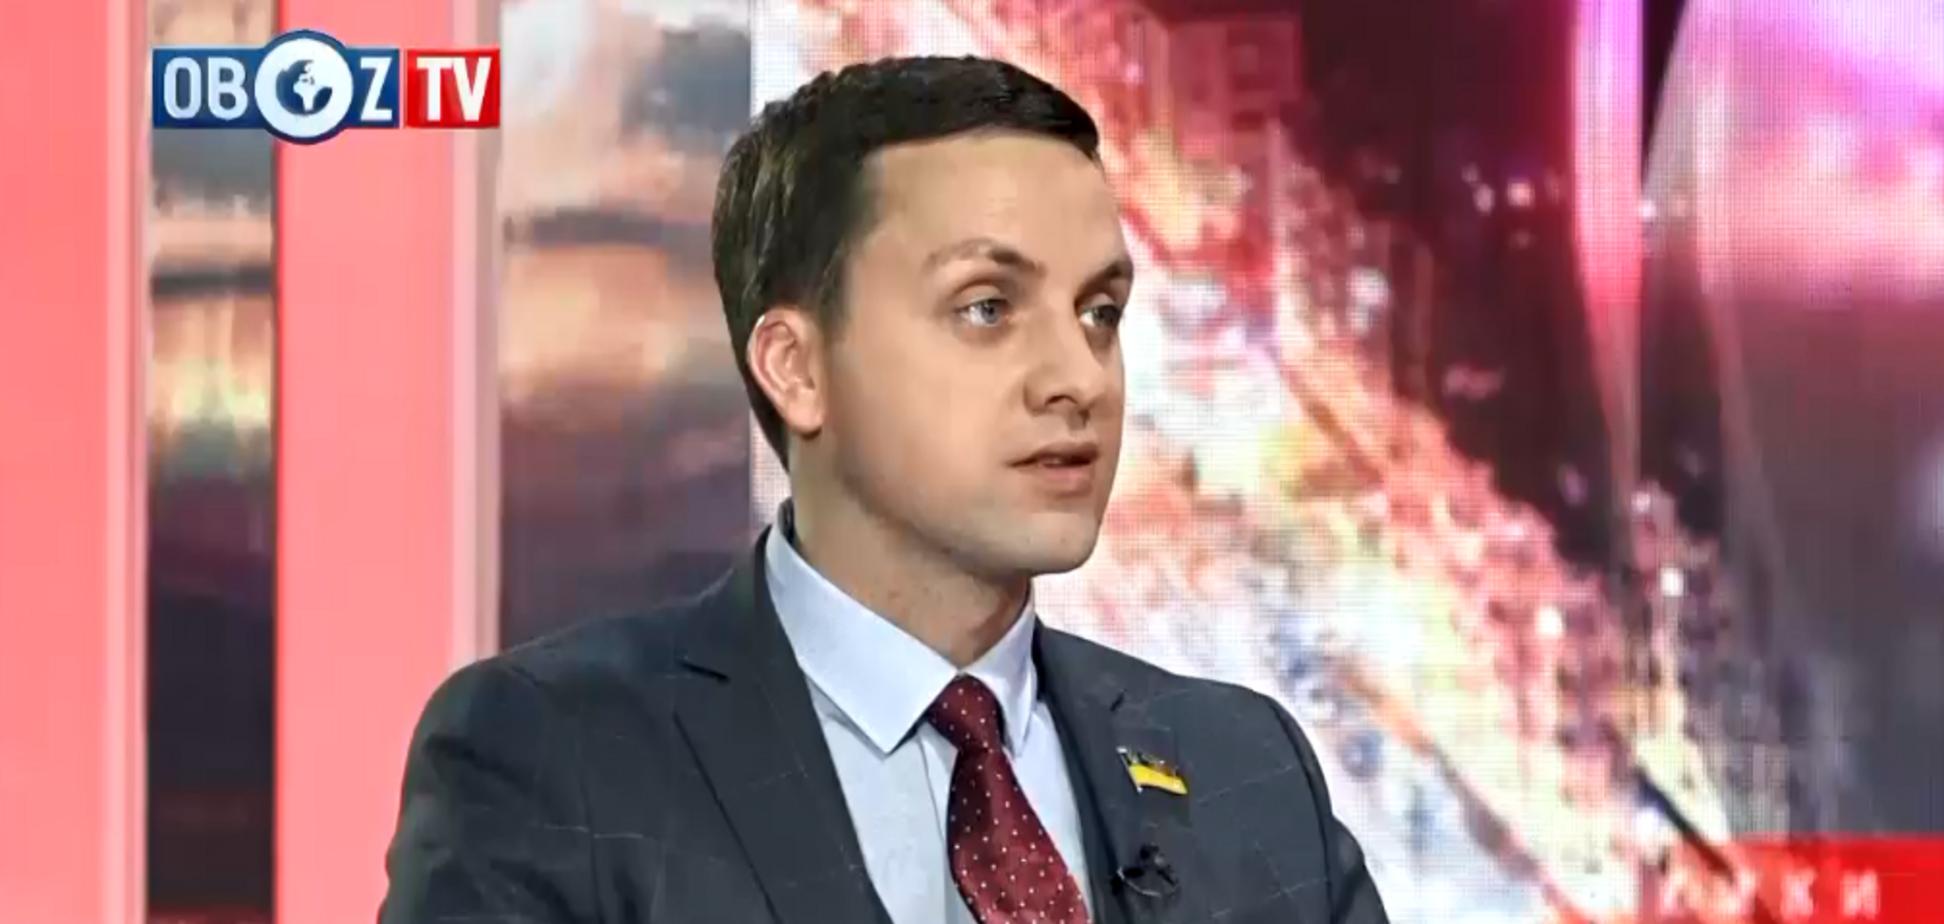 Горсовет Мелитополя могут распустить из-за потасовки депутатов со 'слугой народа'. Видео